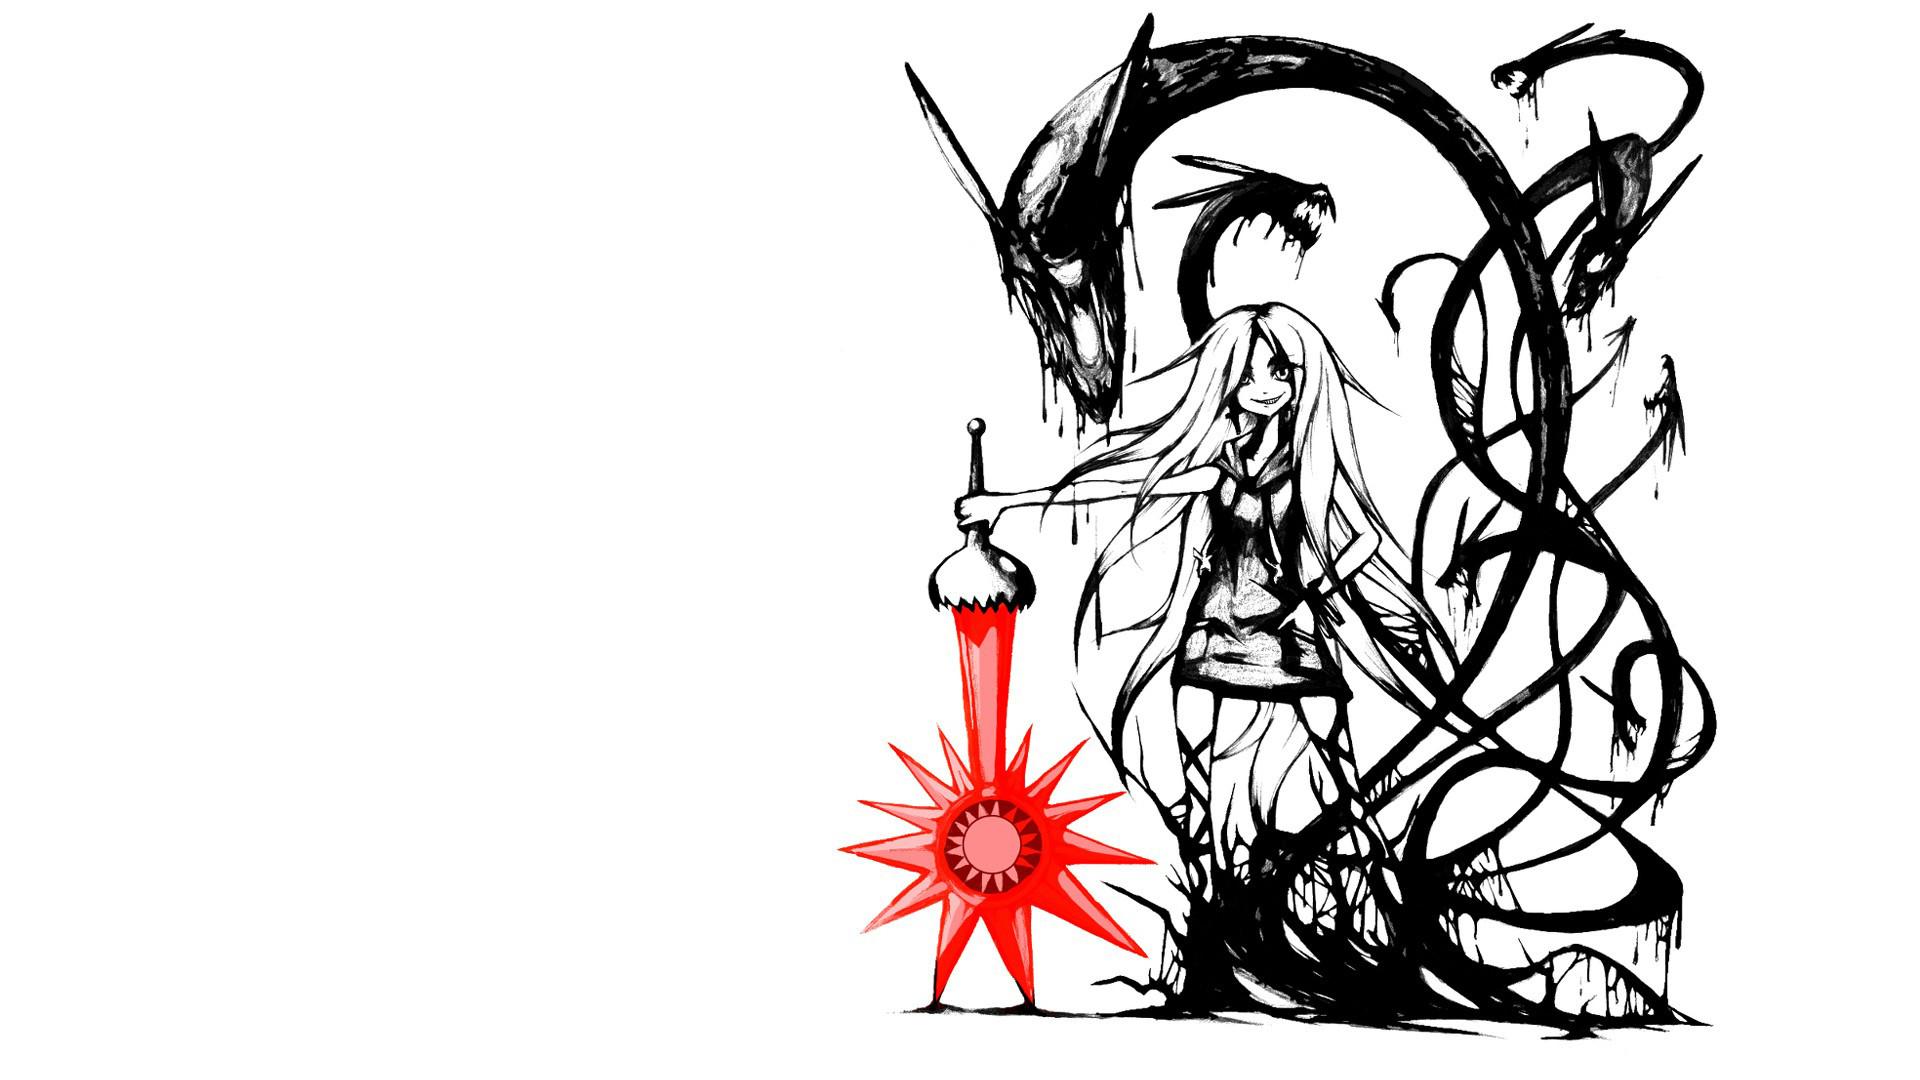 152 anime wallpaper examples for your desktop background - Full hd anime wallpaper pack ...